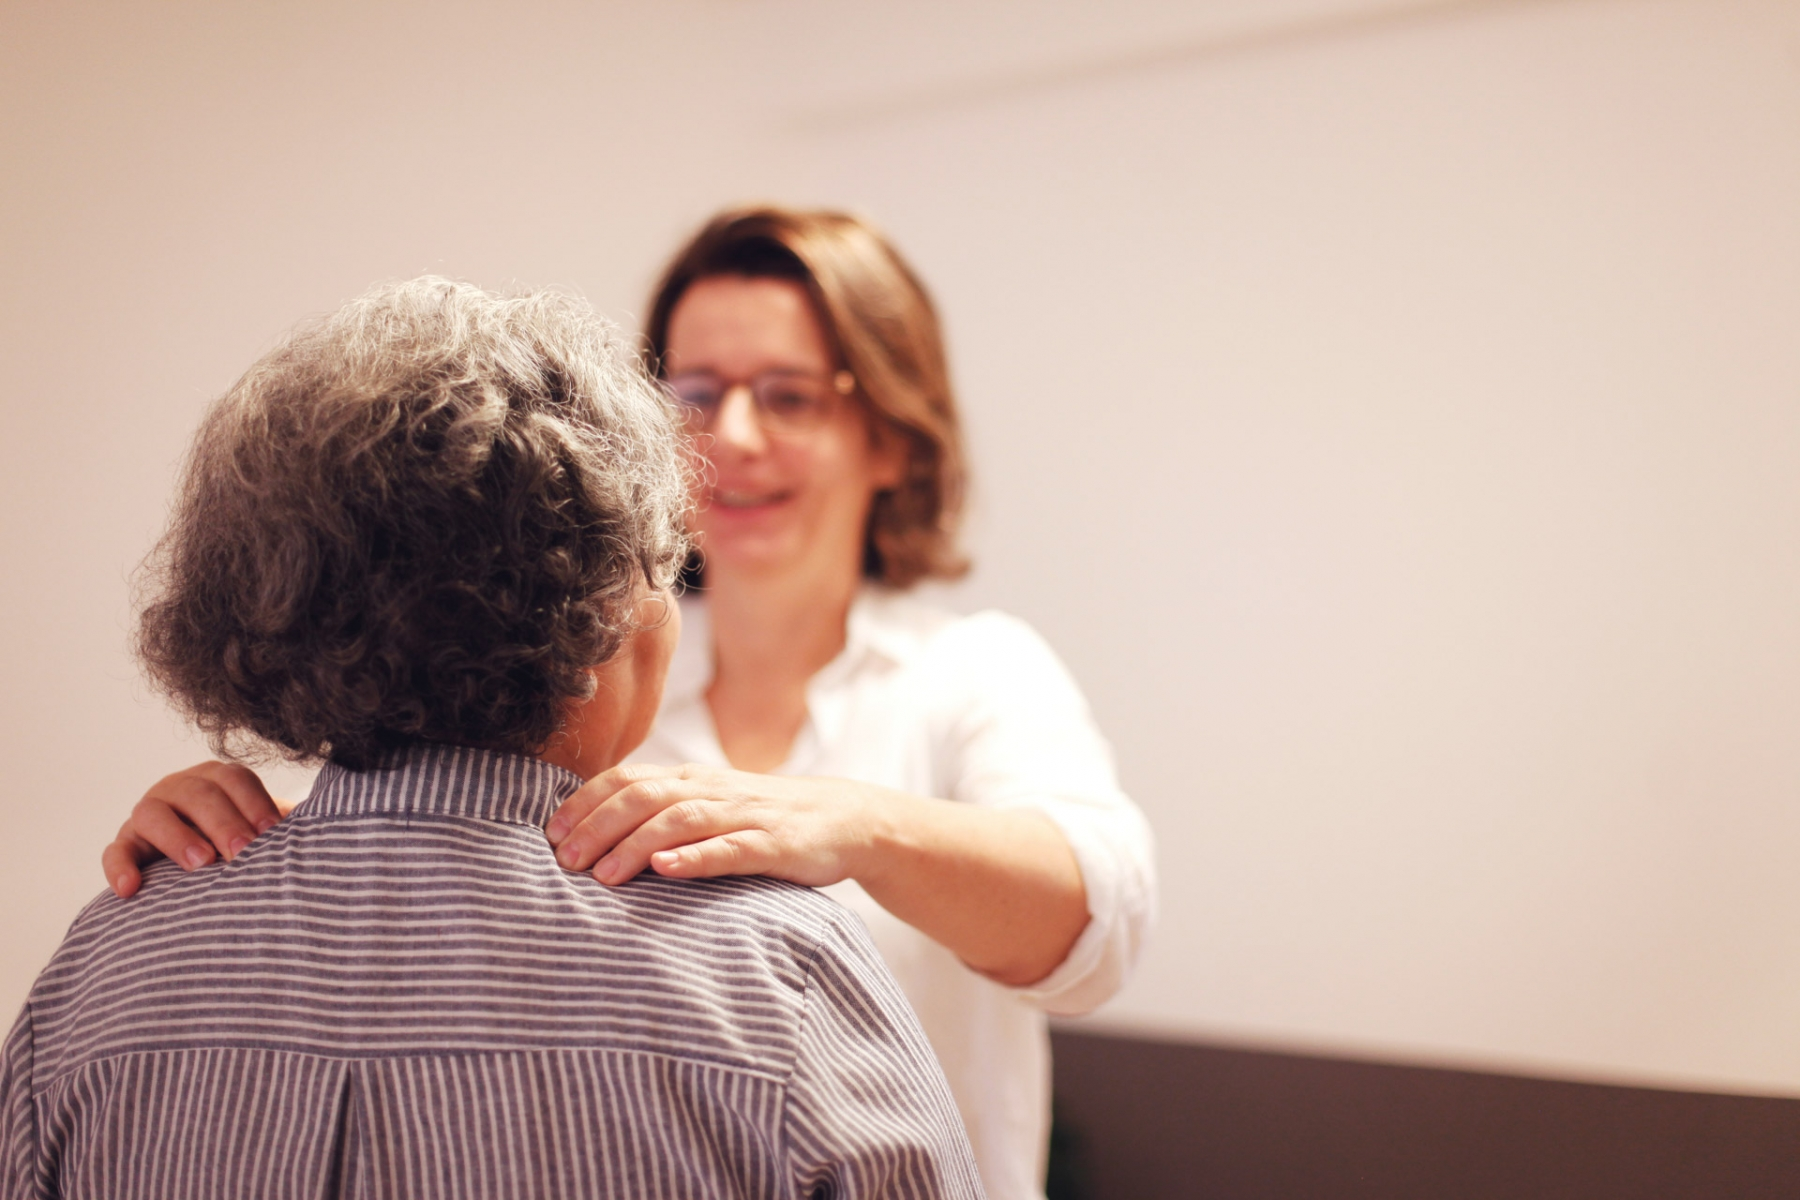 Die Osteopathie ist eine wertvolle Therapie bei organischen Krankheitssymptomen sowie bei Muskel- und Gelenkschmerzen